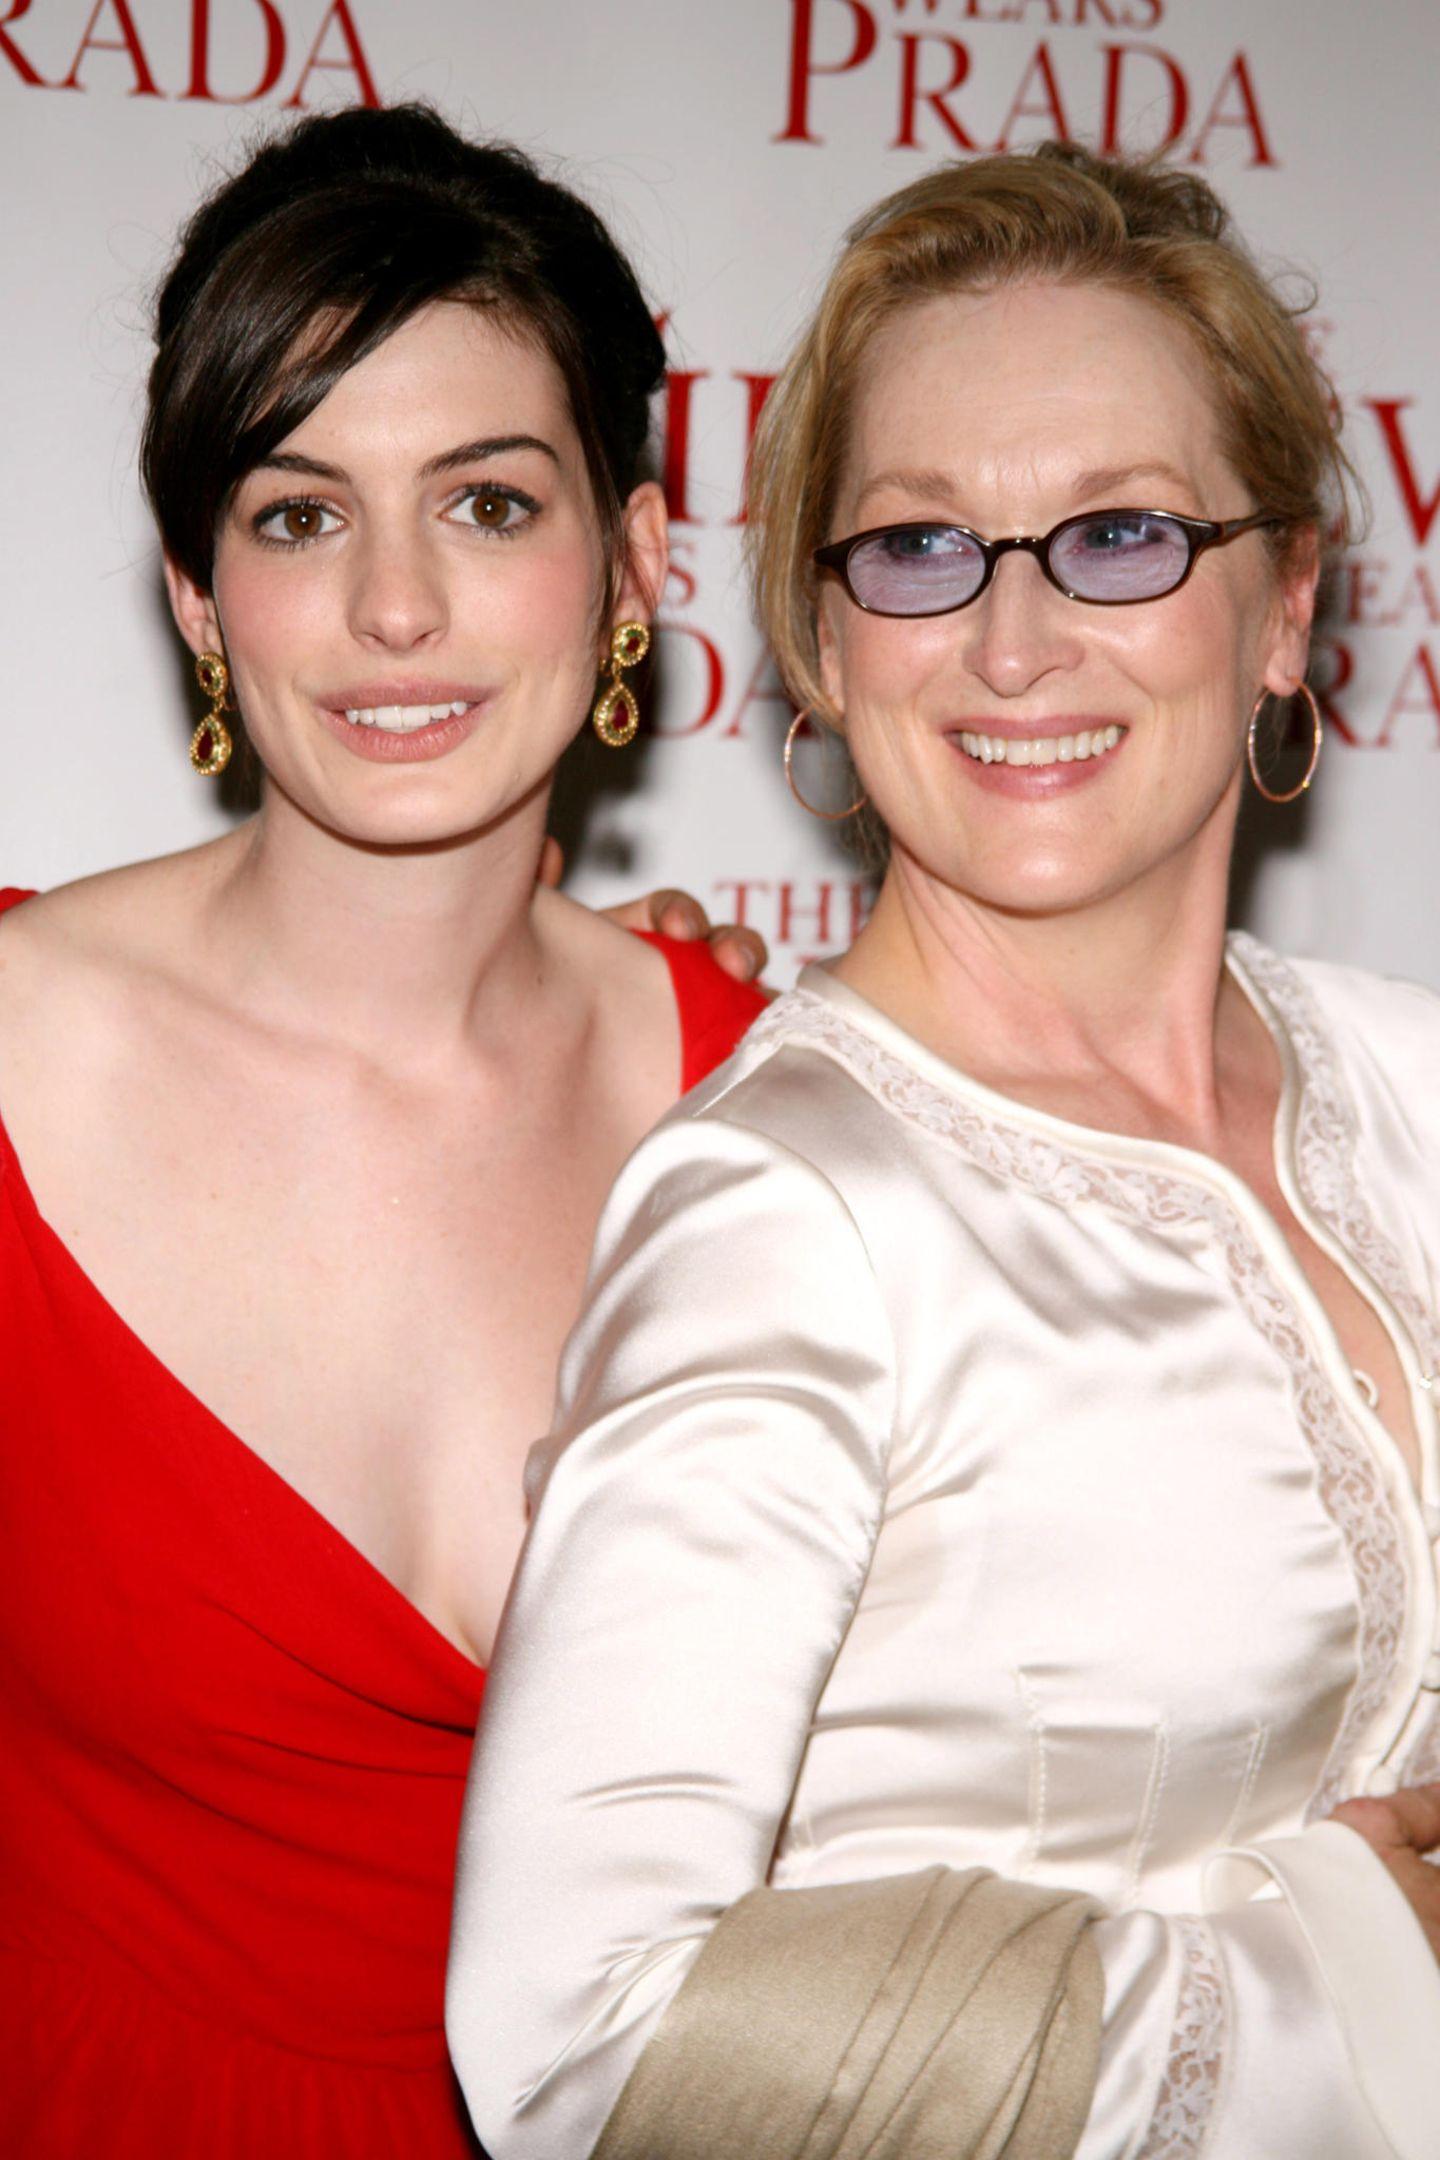 """2006 feiert die Komödie""""Der Teufel trägt Prada"""" Premiere, in derMeryl Streep neben Anne Hathaway brilliert."""